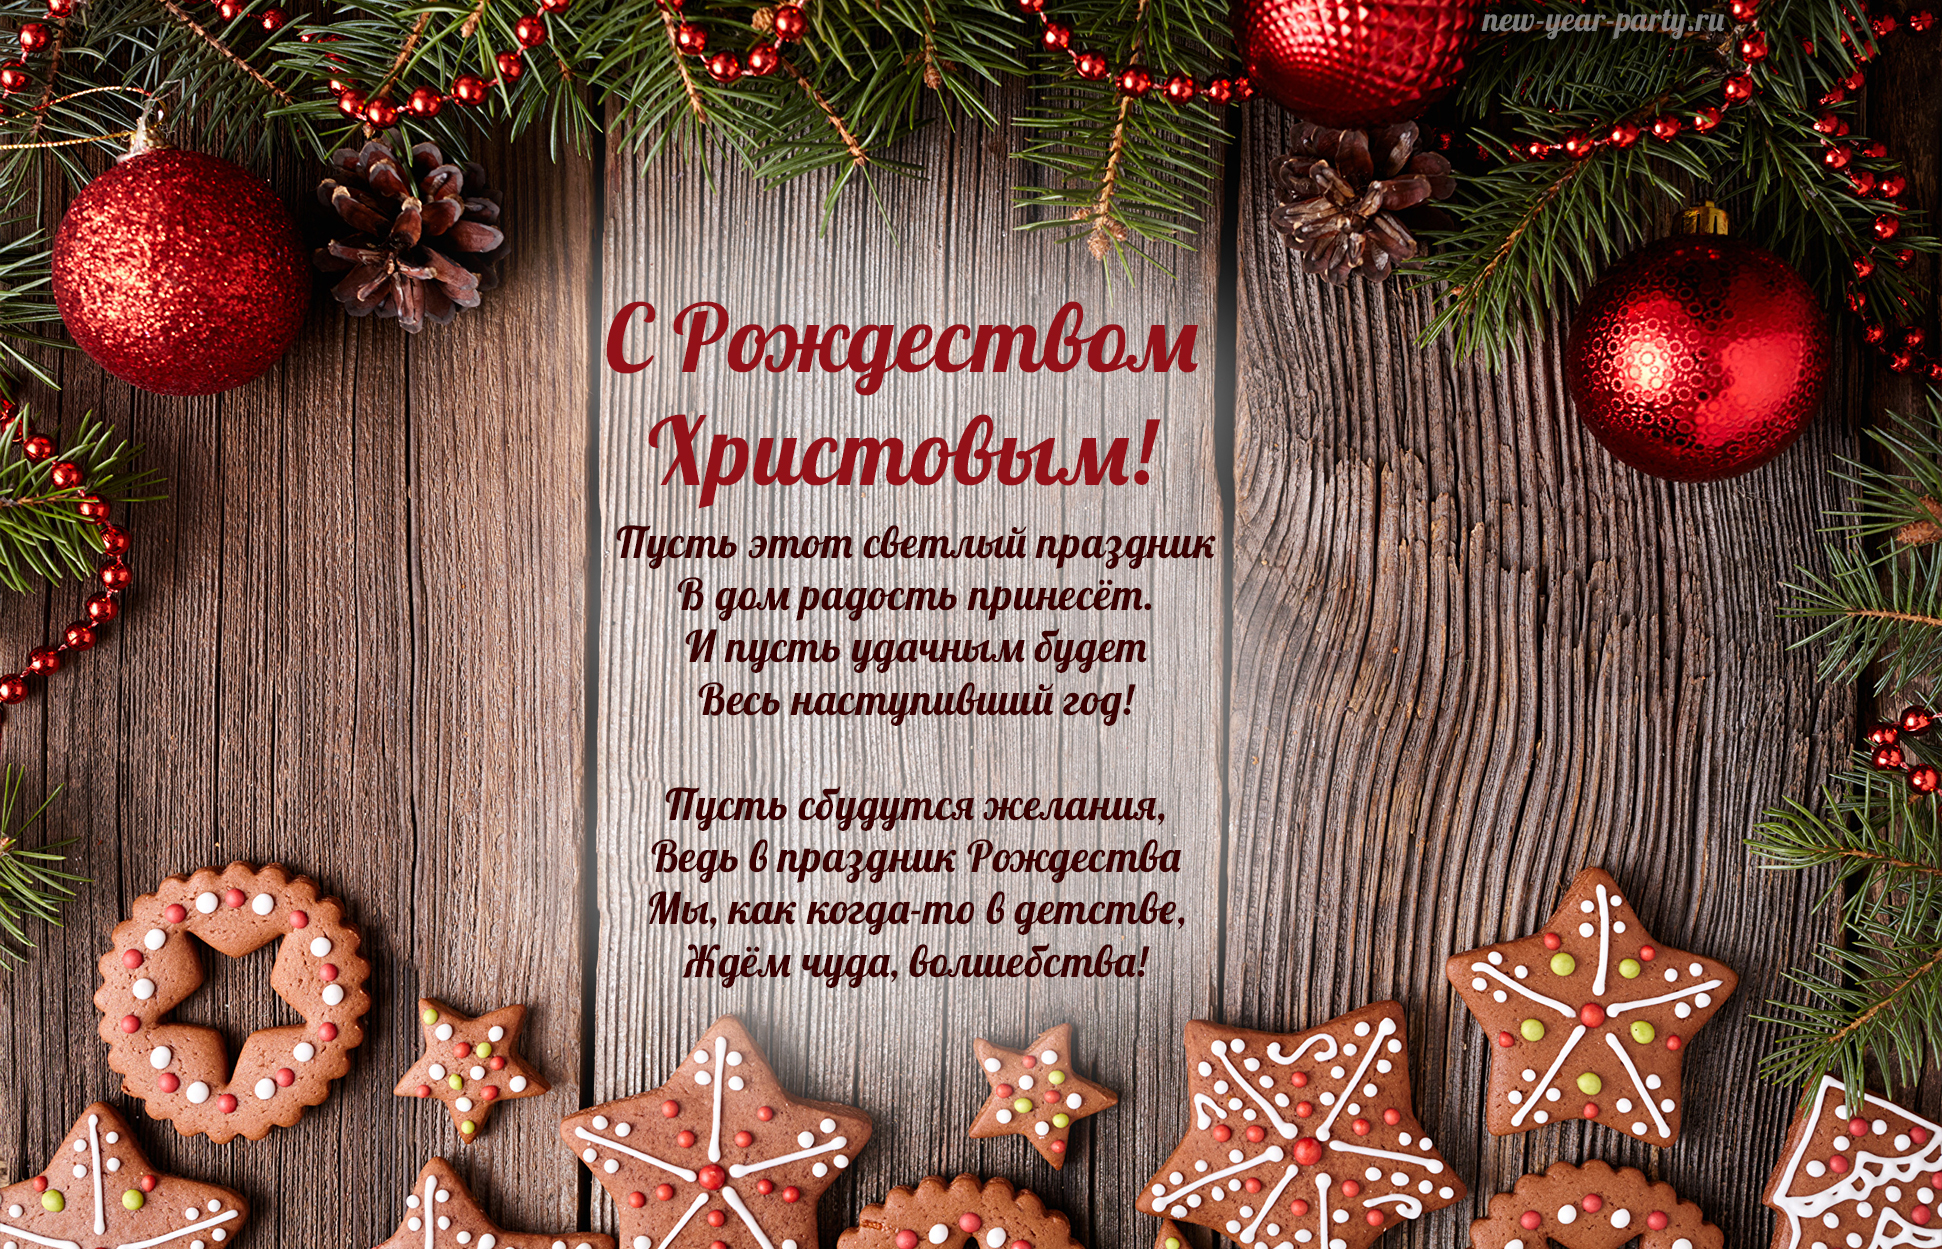 Где, рождественские картинки красивые поздравления